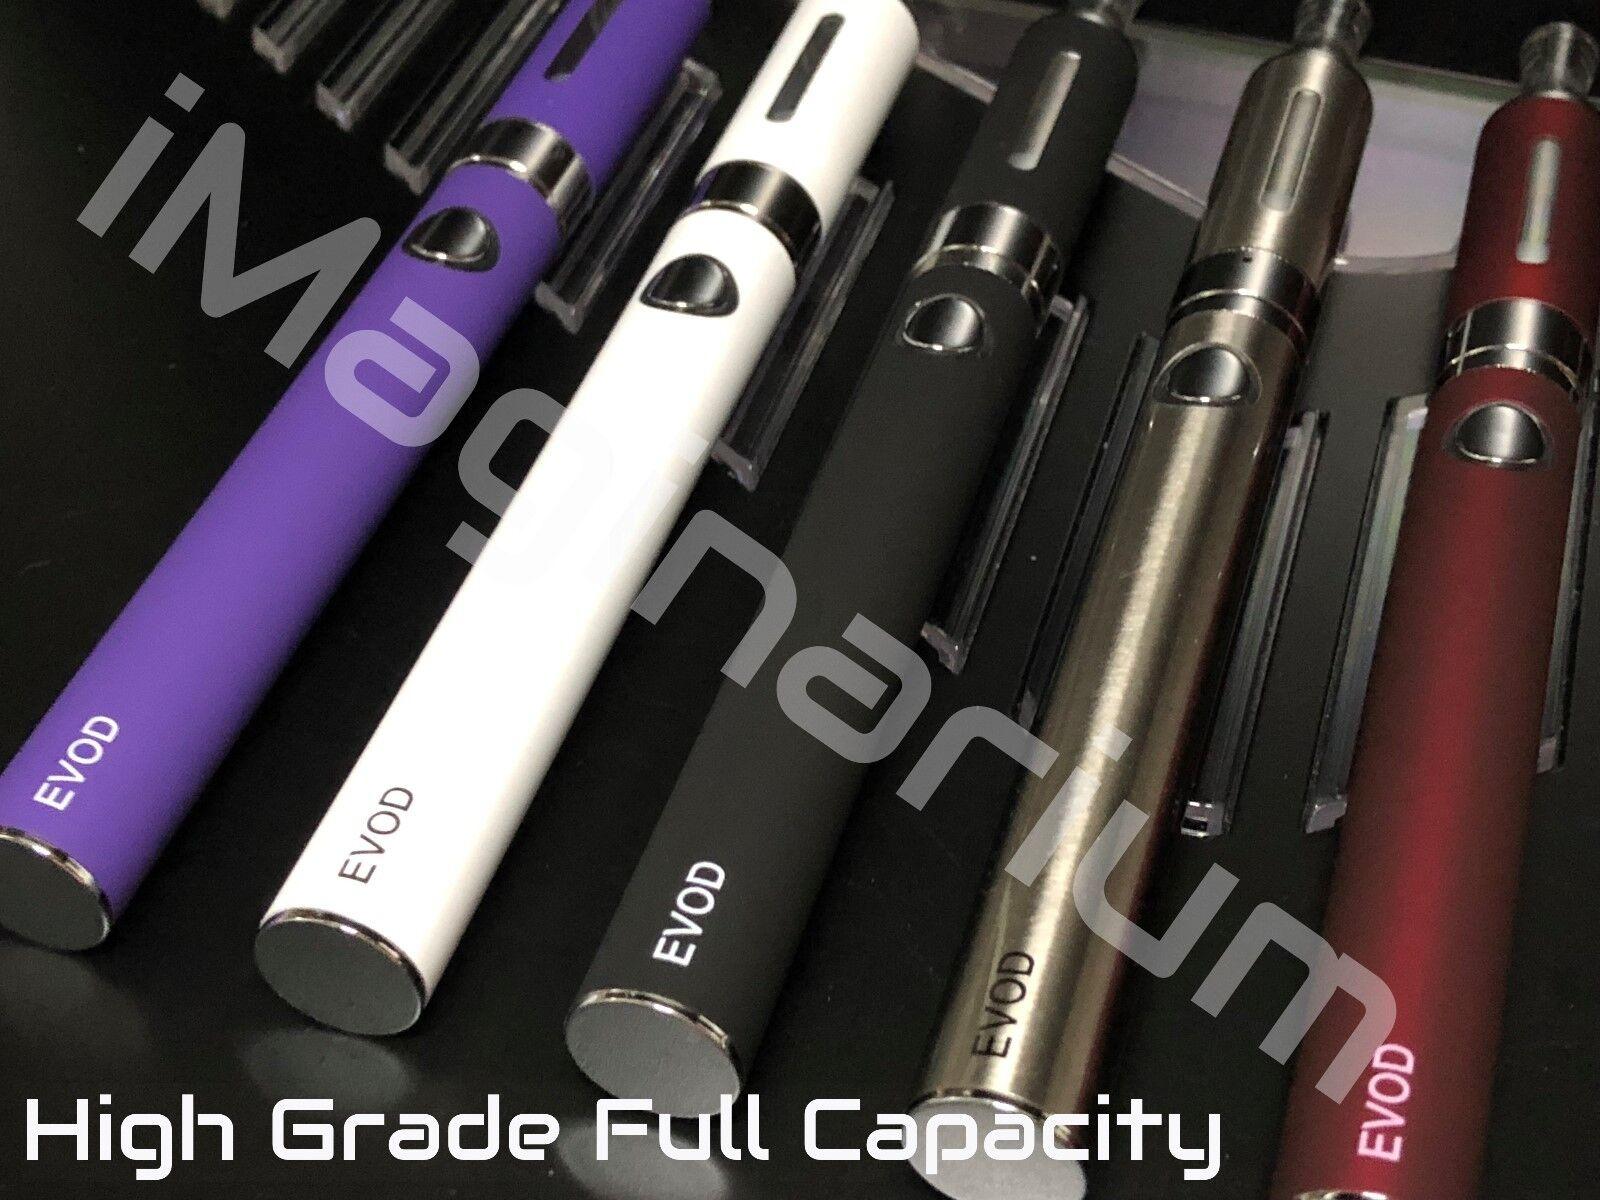 2x ☆ EVOD1 ☆ Vape1 Pen ☆ Full Kit ☆ 1100mAh Battery ☆ MT3 Tank /USB ☆ USA